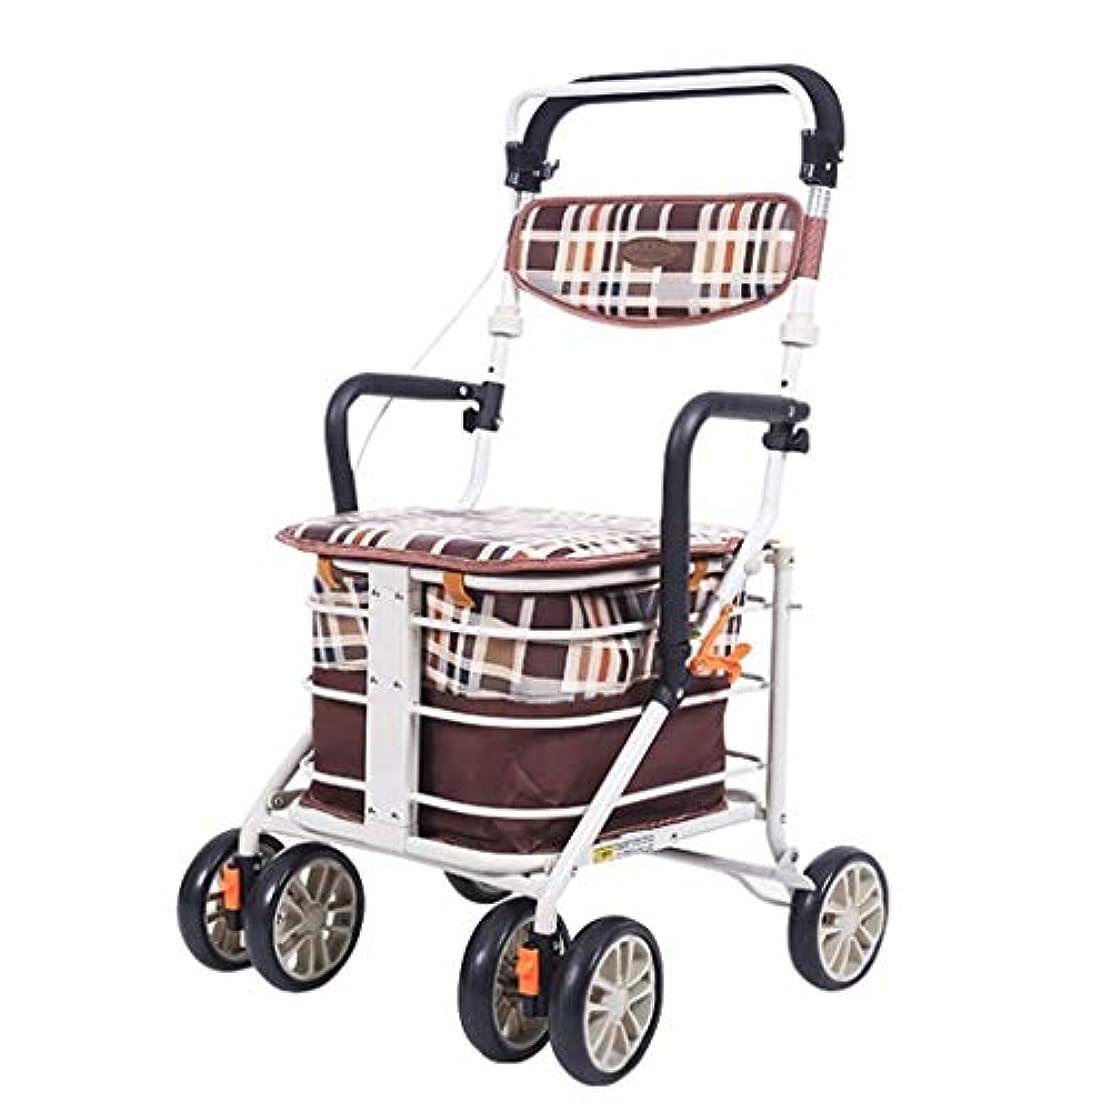 削減薄暗いバンジョーハンドブレーキ高齢者歩行者が付いている軽量のアルミ合金の座席を折る多機能歩行者のトロリーショッピングカート